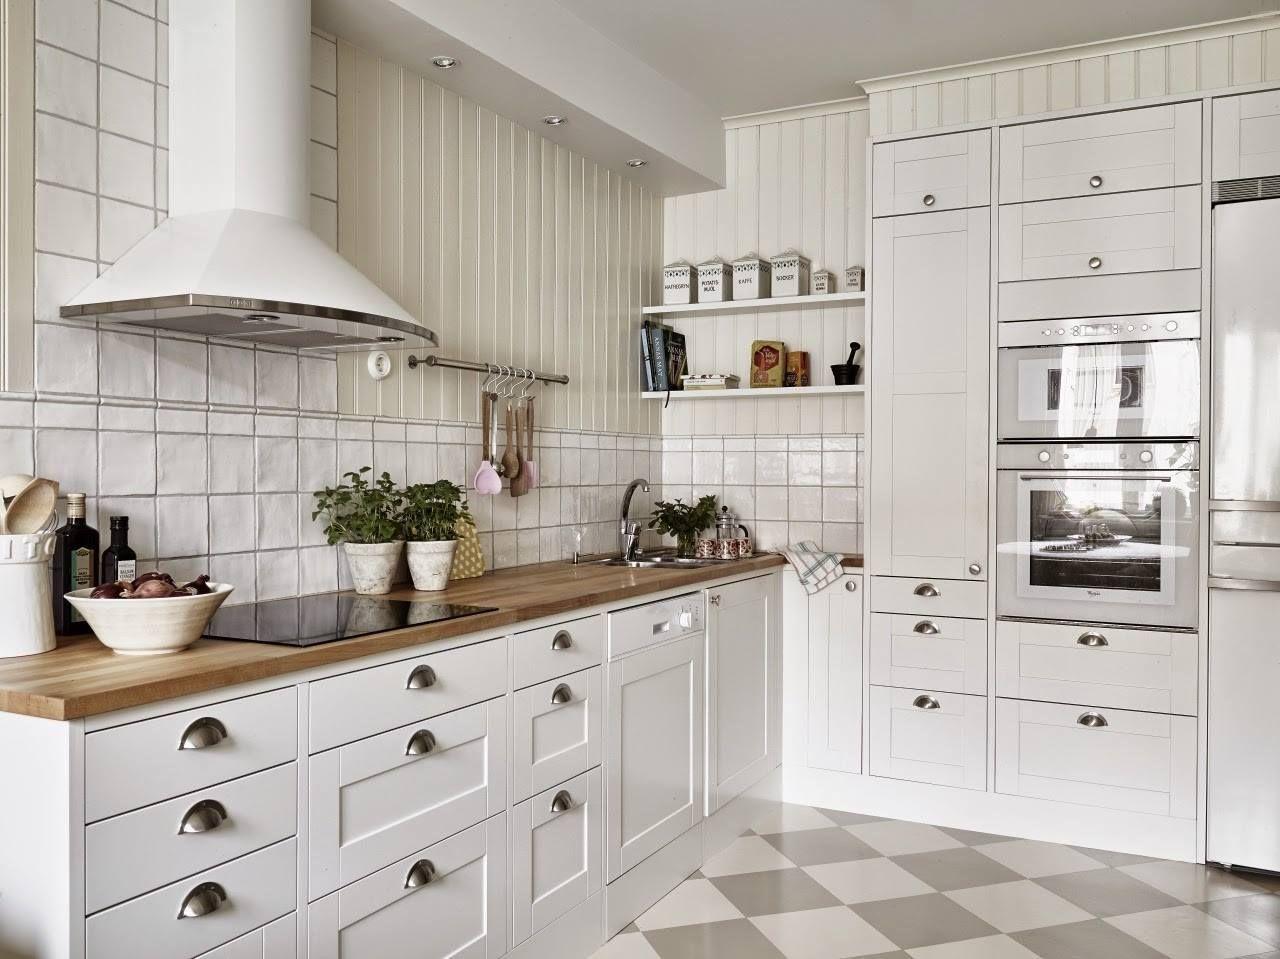 кухня Икеа в белом и сером цвете